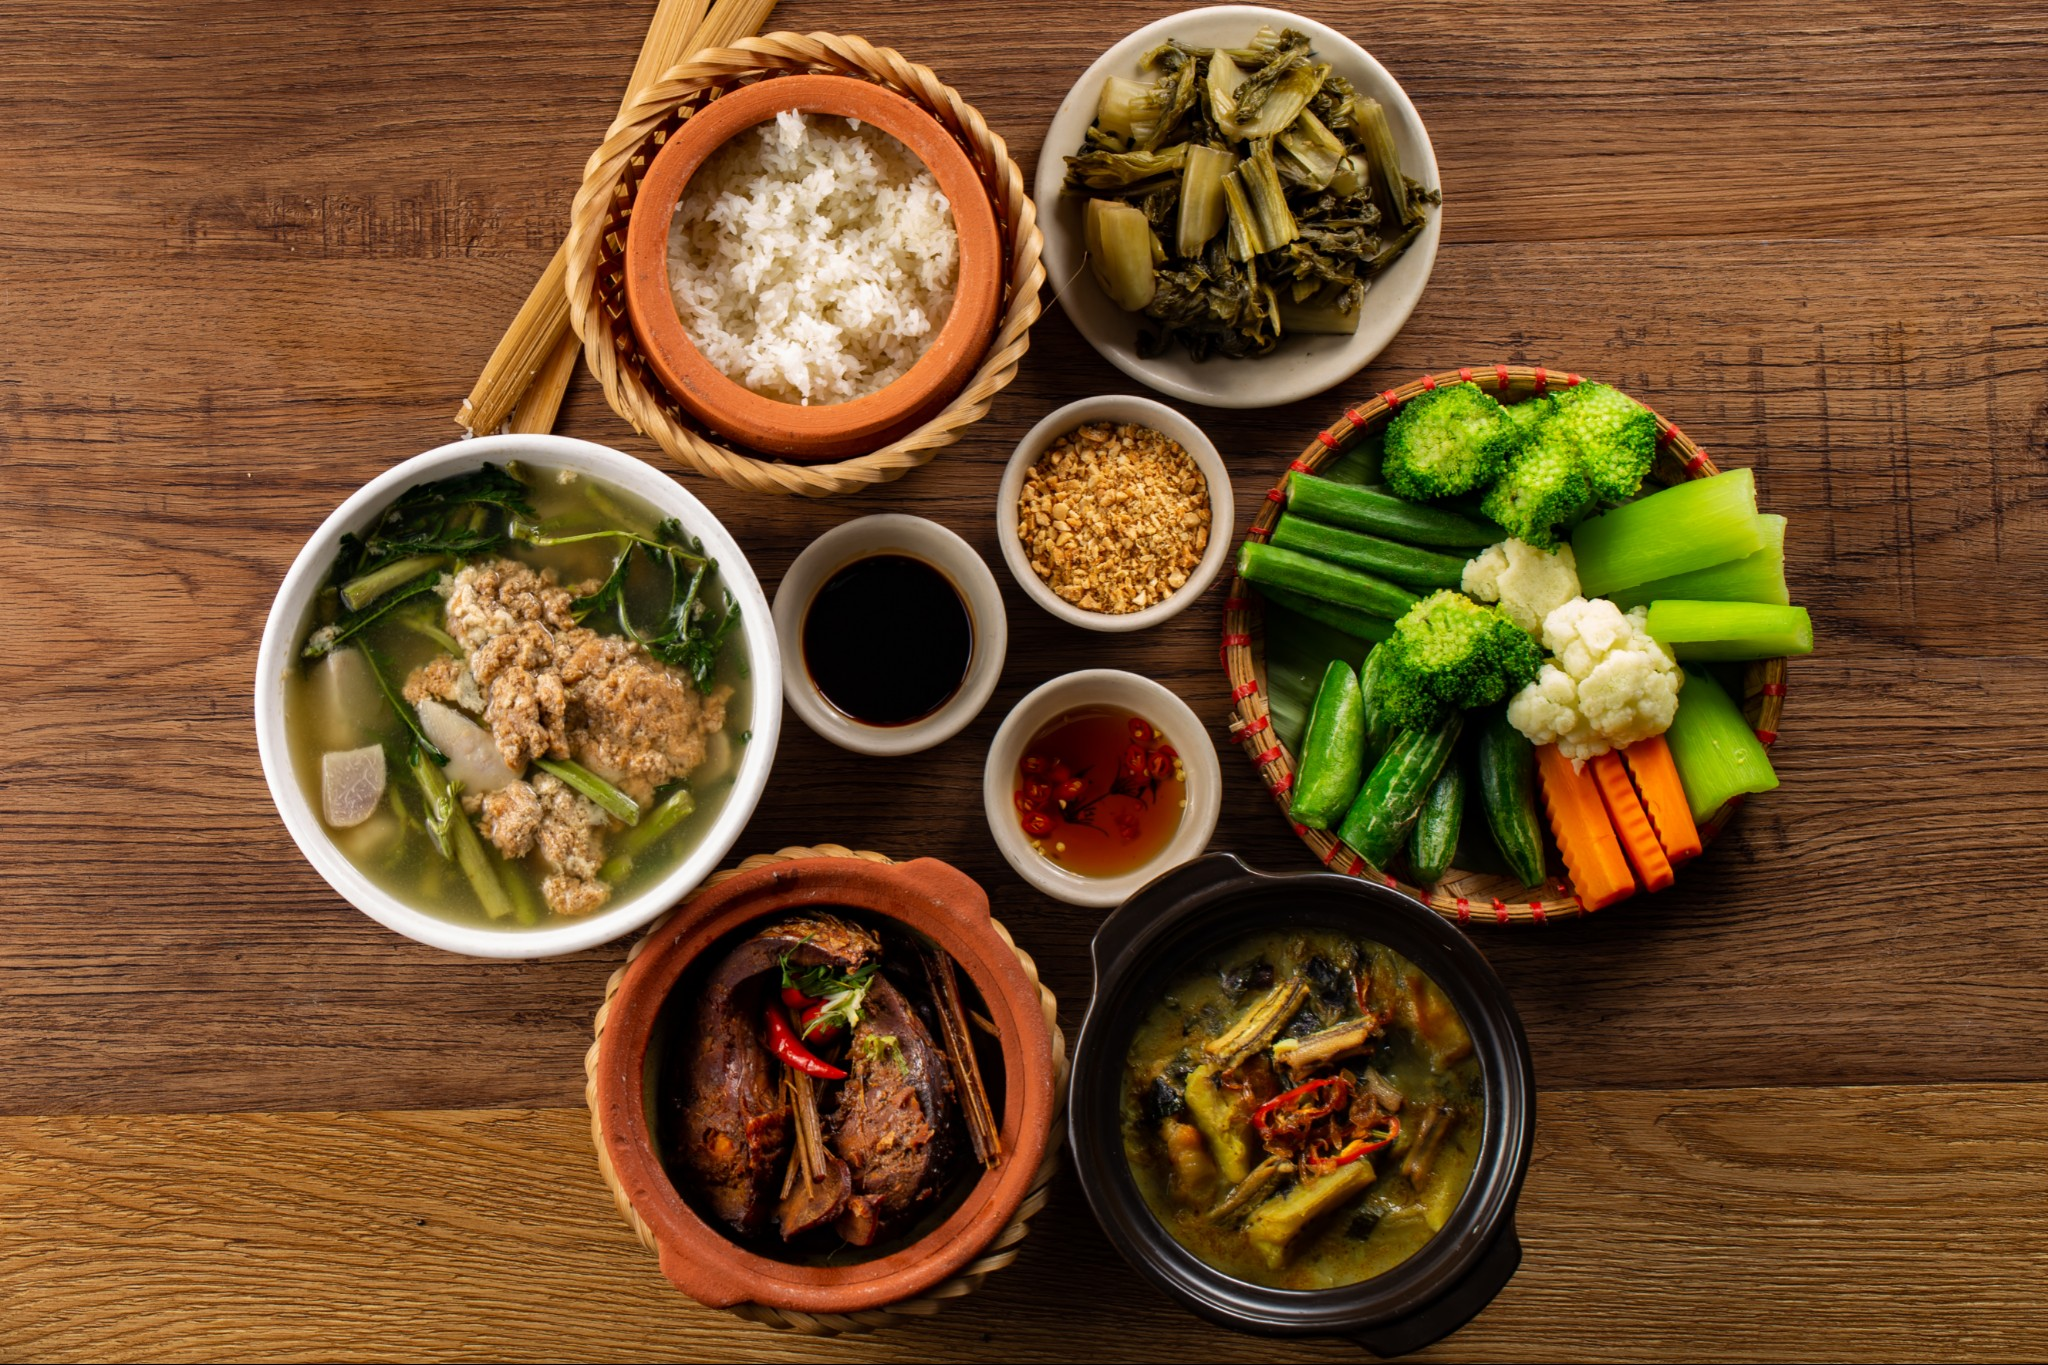 Gạo ST24 trở nên quen thuộc trong từng bữa cơm gia đình